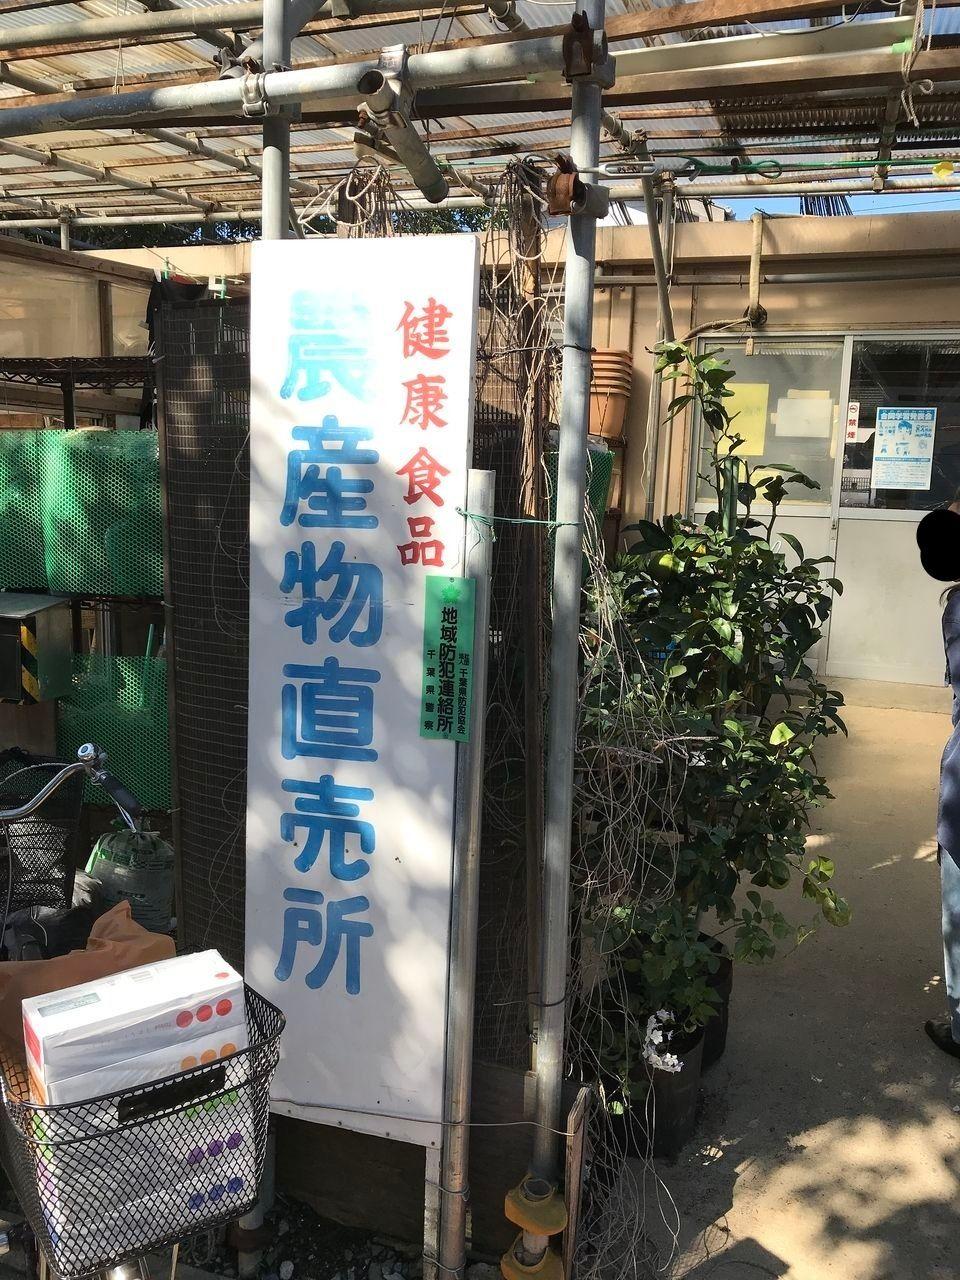 行徳の格三園芸センターの表の看板